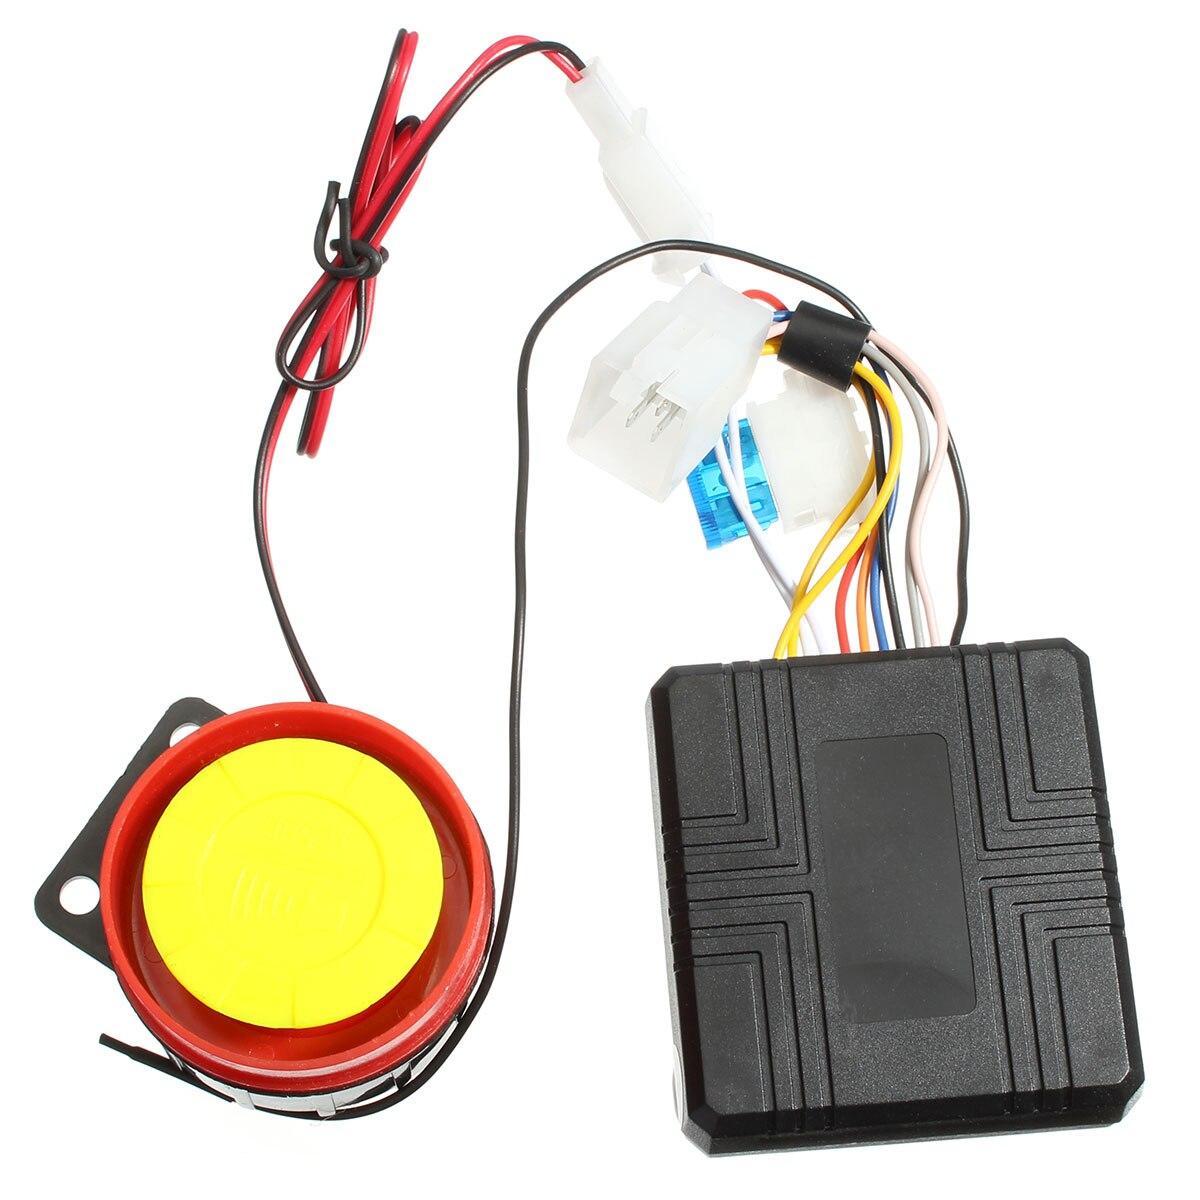 Универсальные системы сигнализации для мотоцикла, Противоугонная защита, дистанционная активация, аксессуары для мотоциклетной сигнализа...